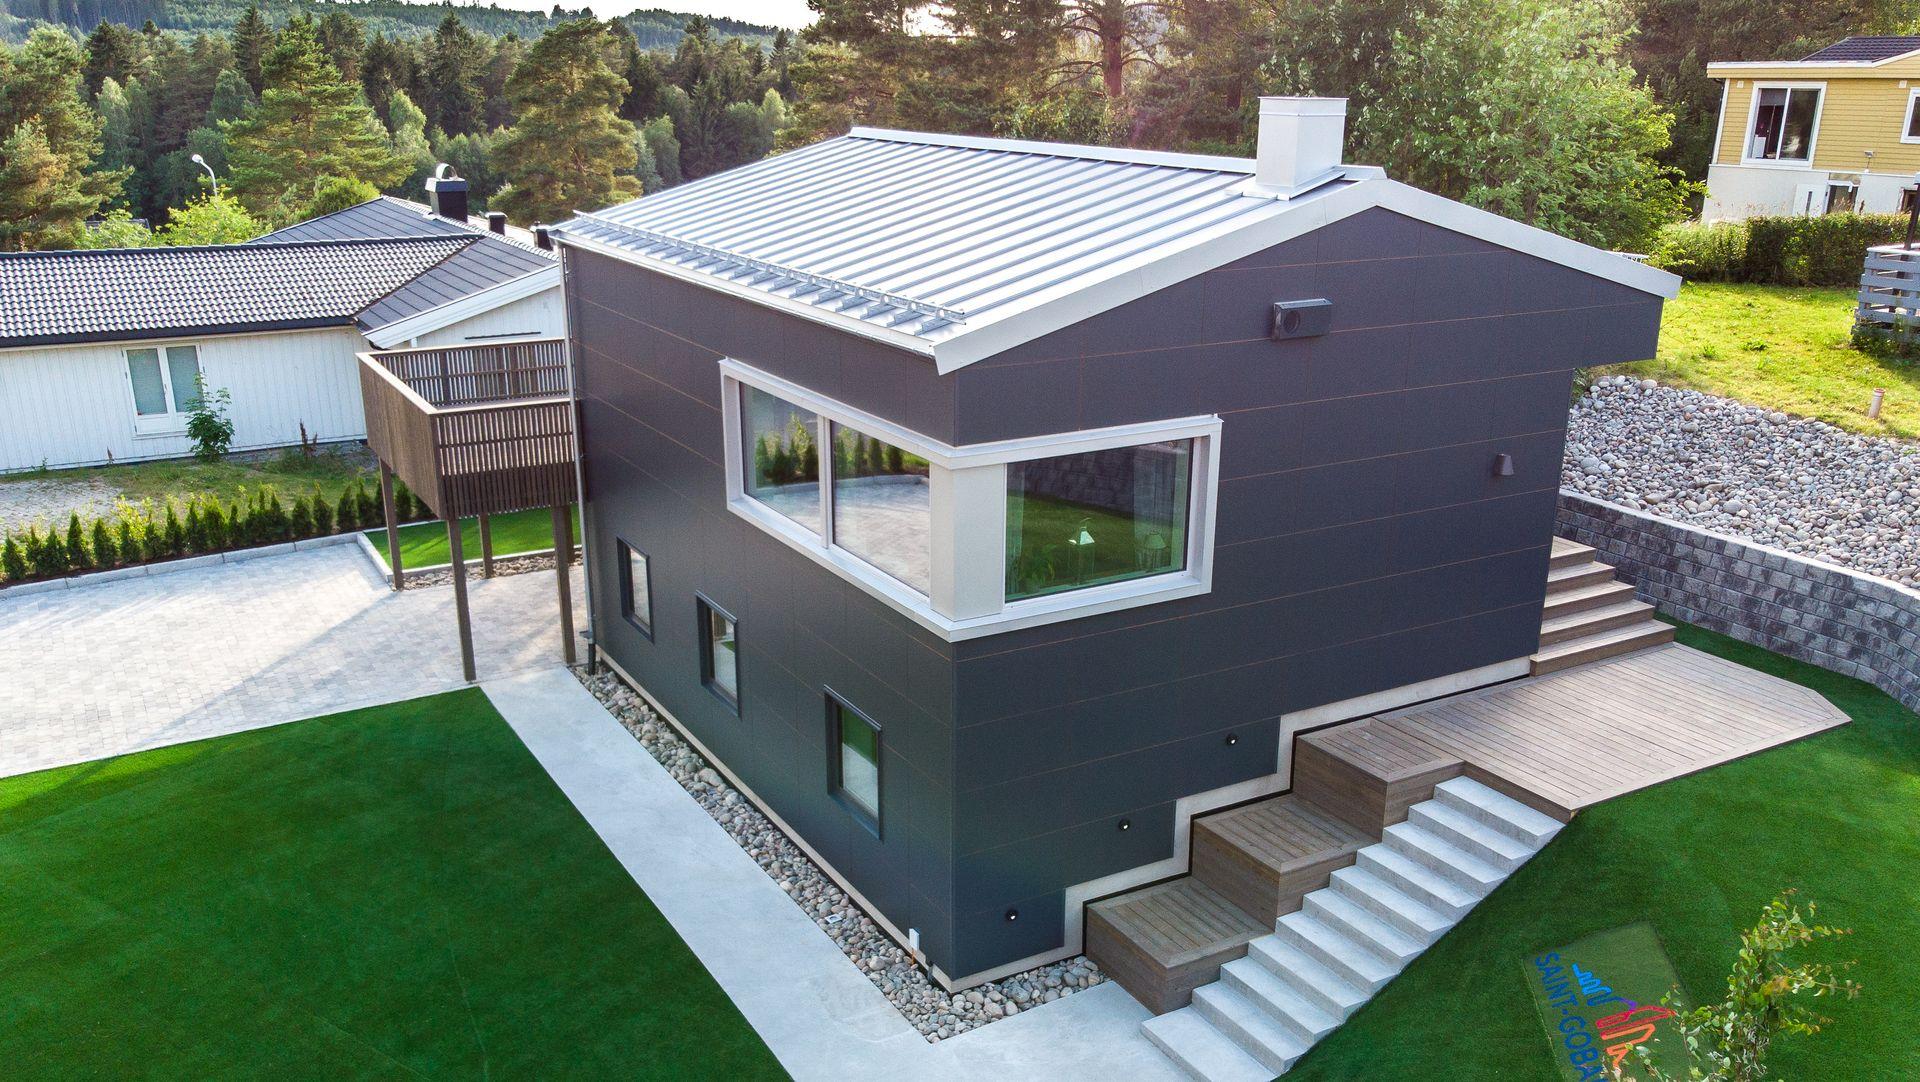 Ferdig oppgradert hus fremstår som elegant og moderne utvendig, samtidig som det er skikkelig isolert og energieffektivt.